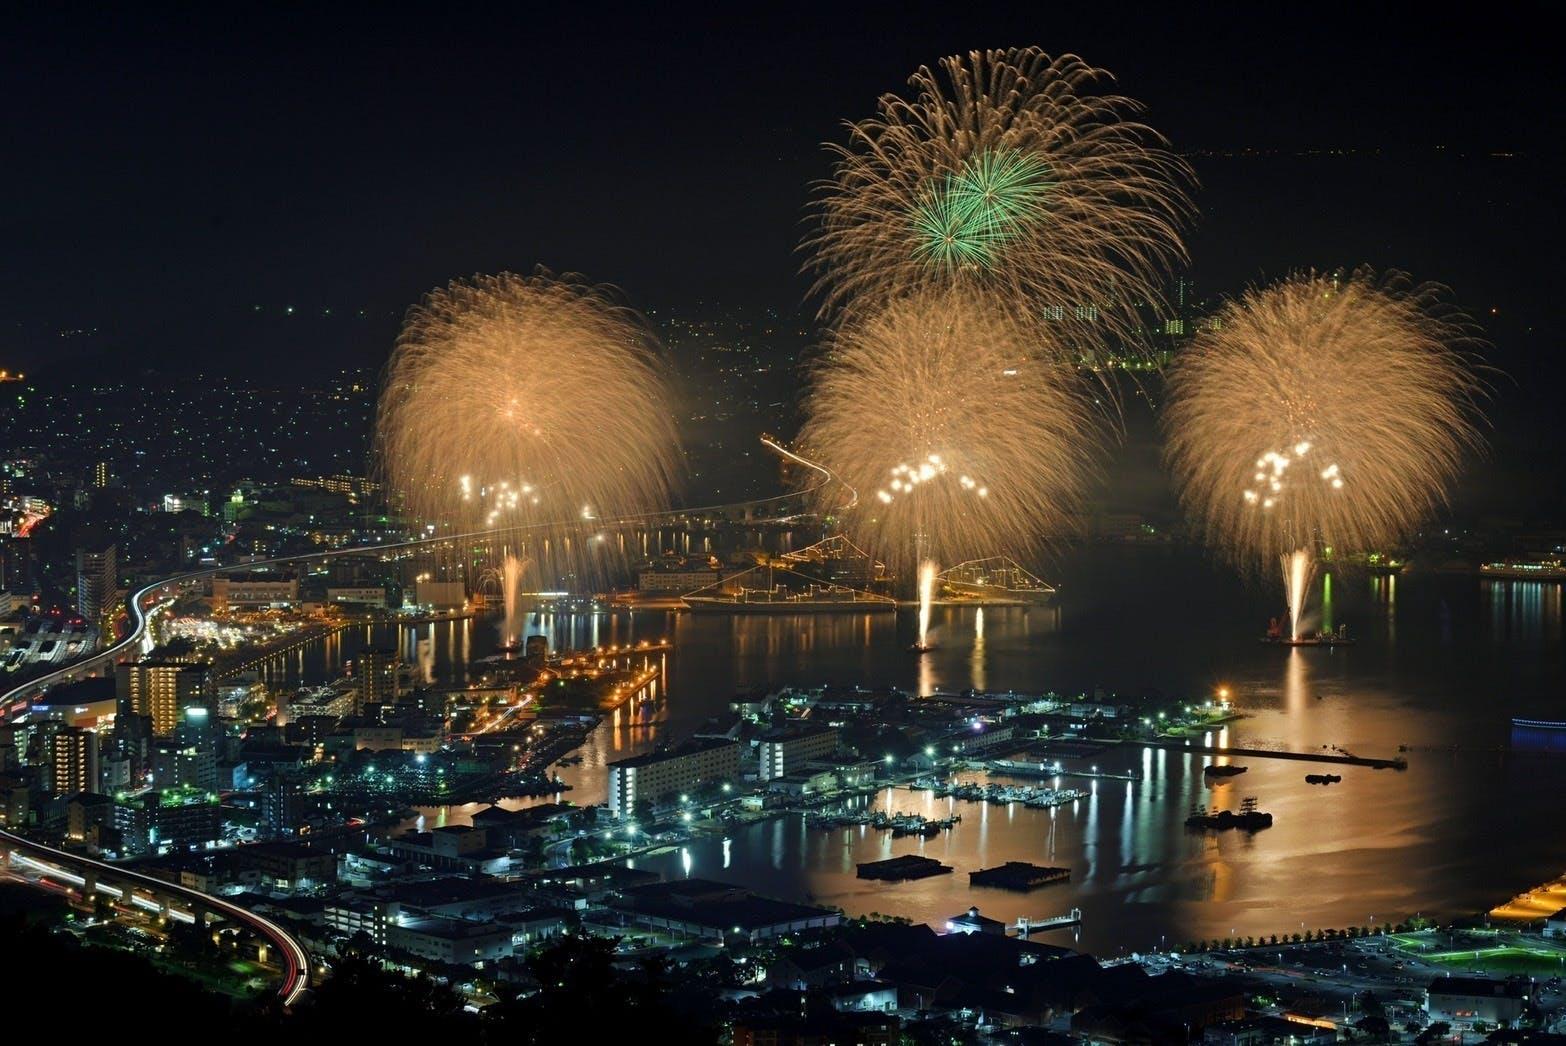 花火 今日 サプライズ 全国約200カ所・5分以内の「サプライズ花火」見られた? SNSで楽しむ「新しいカタチ」も